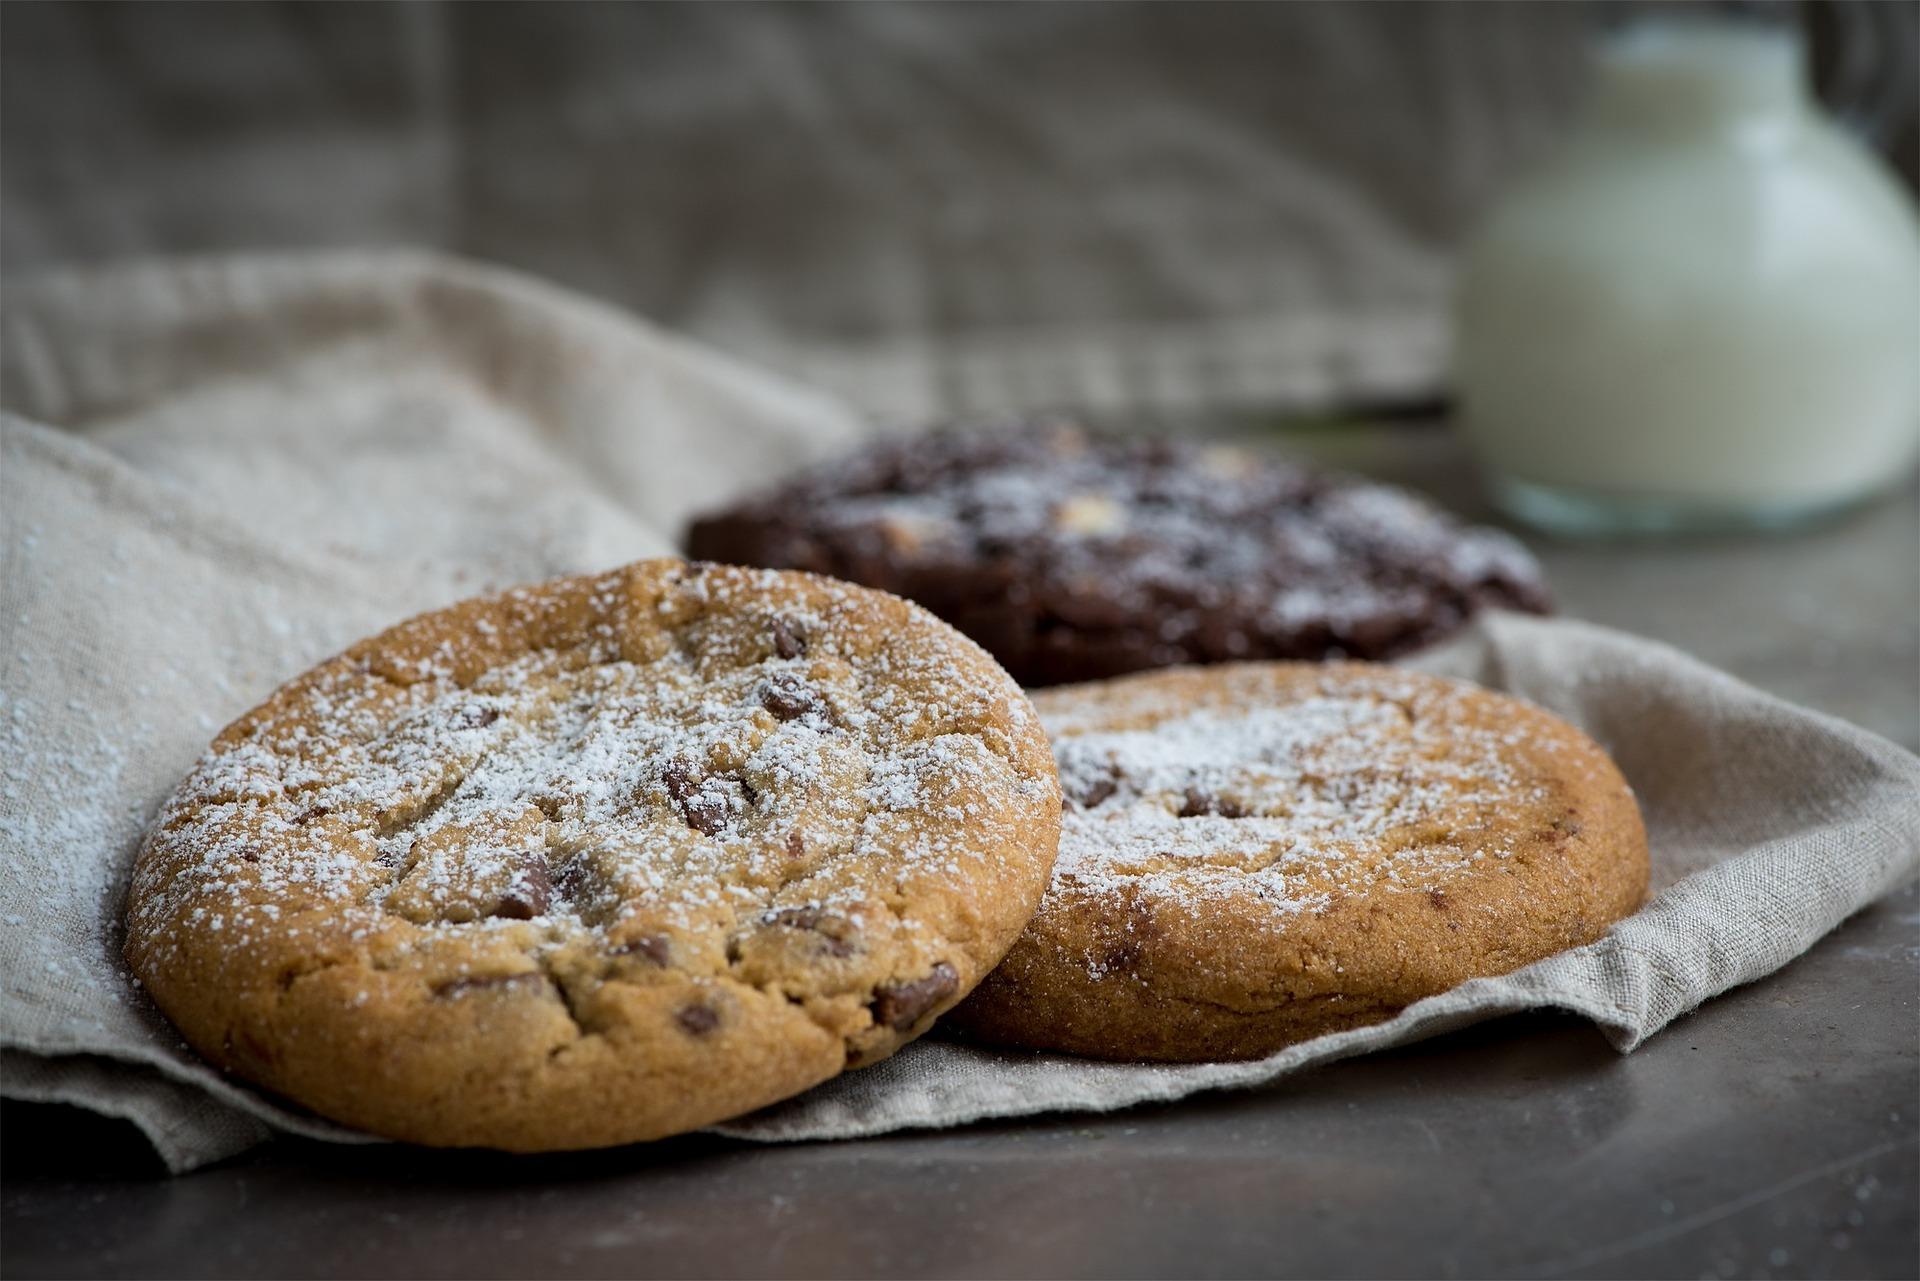 cookie-1387769_1920.jpg